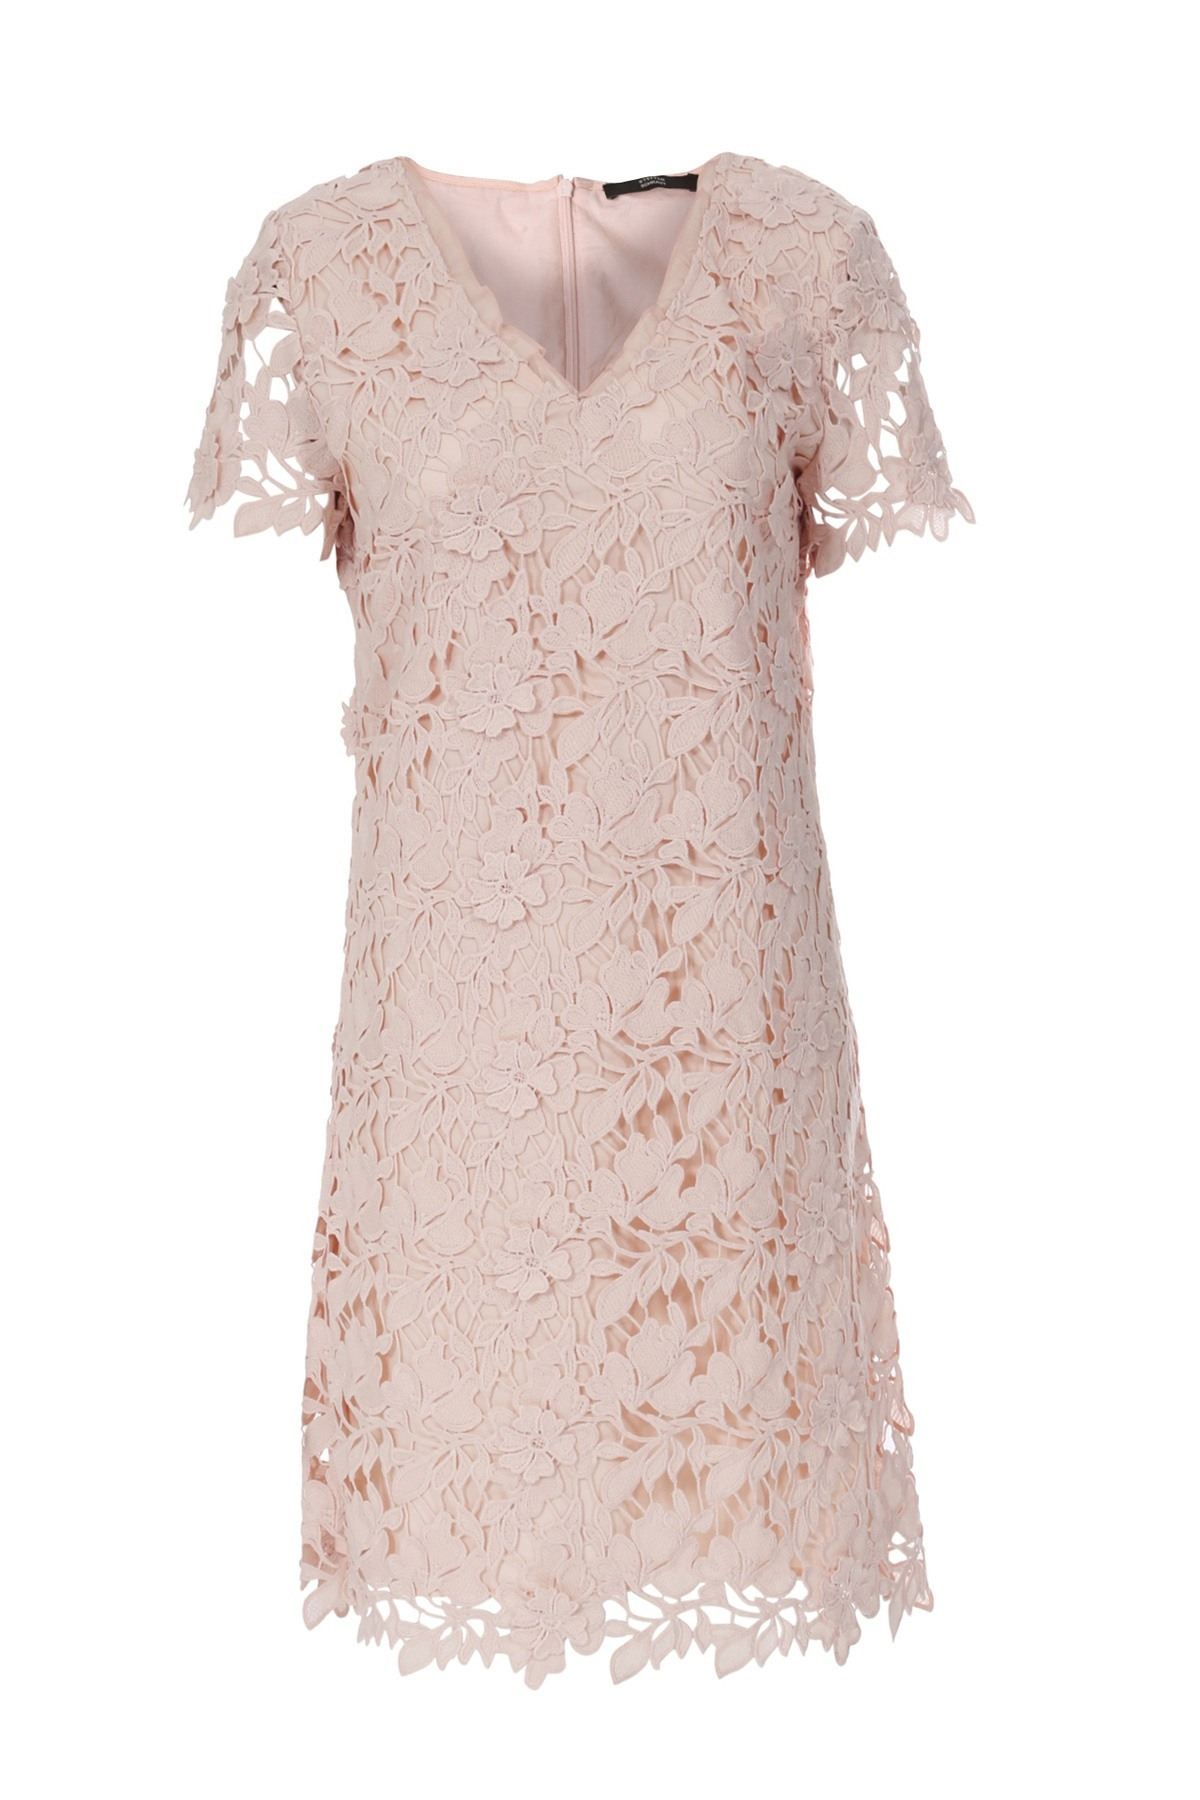 Formal Schön Kleid Spitze Rosa Spezialgebiet17 Wunderbar Kleid Spitze Rosa Stylish